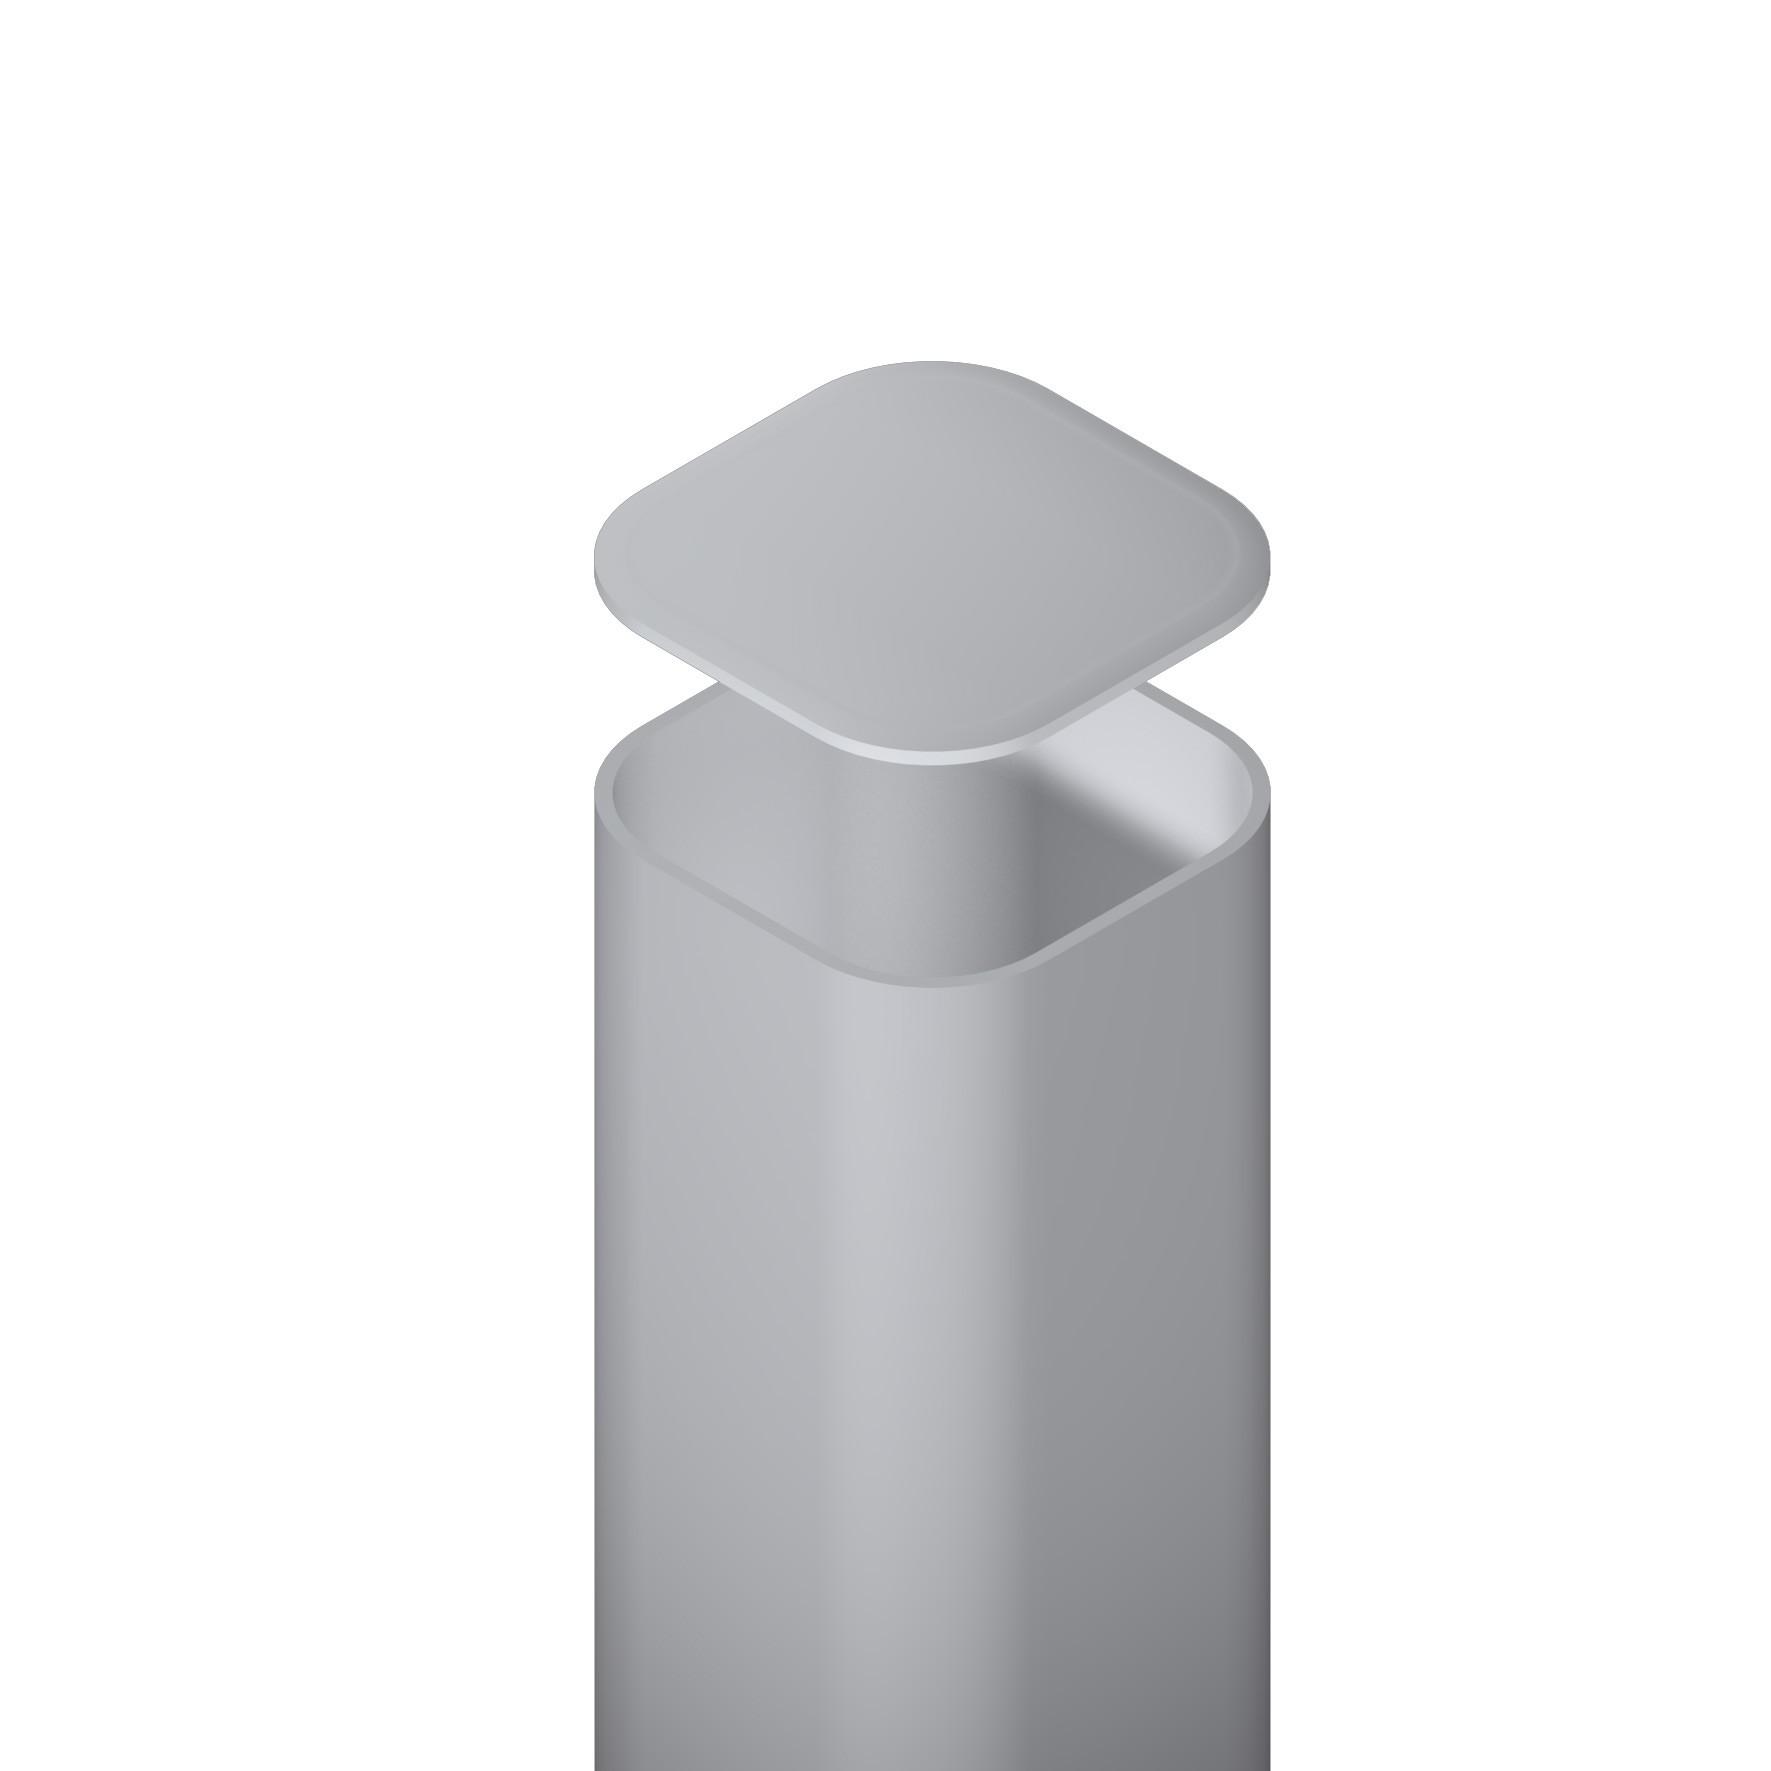 metallpfosten f r zaun zum aufschrauben silber 7x7x195cm bei. Black Bedroom Furniture Sets. Home Design Ideas